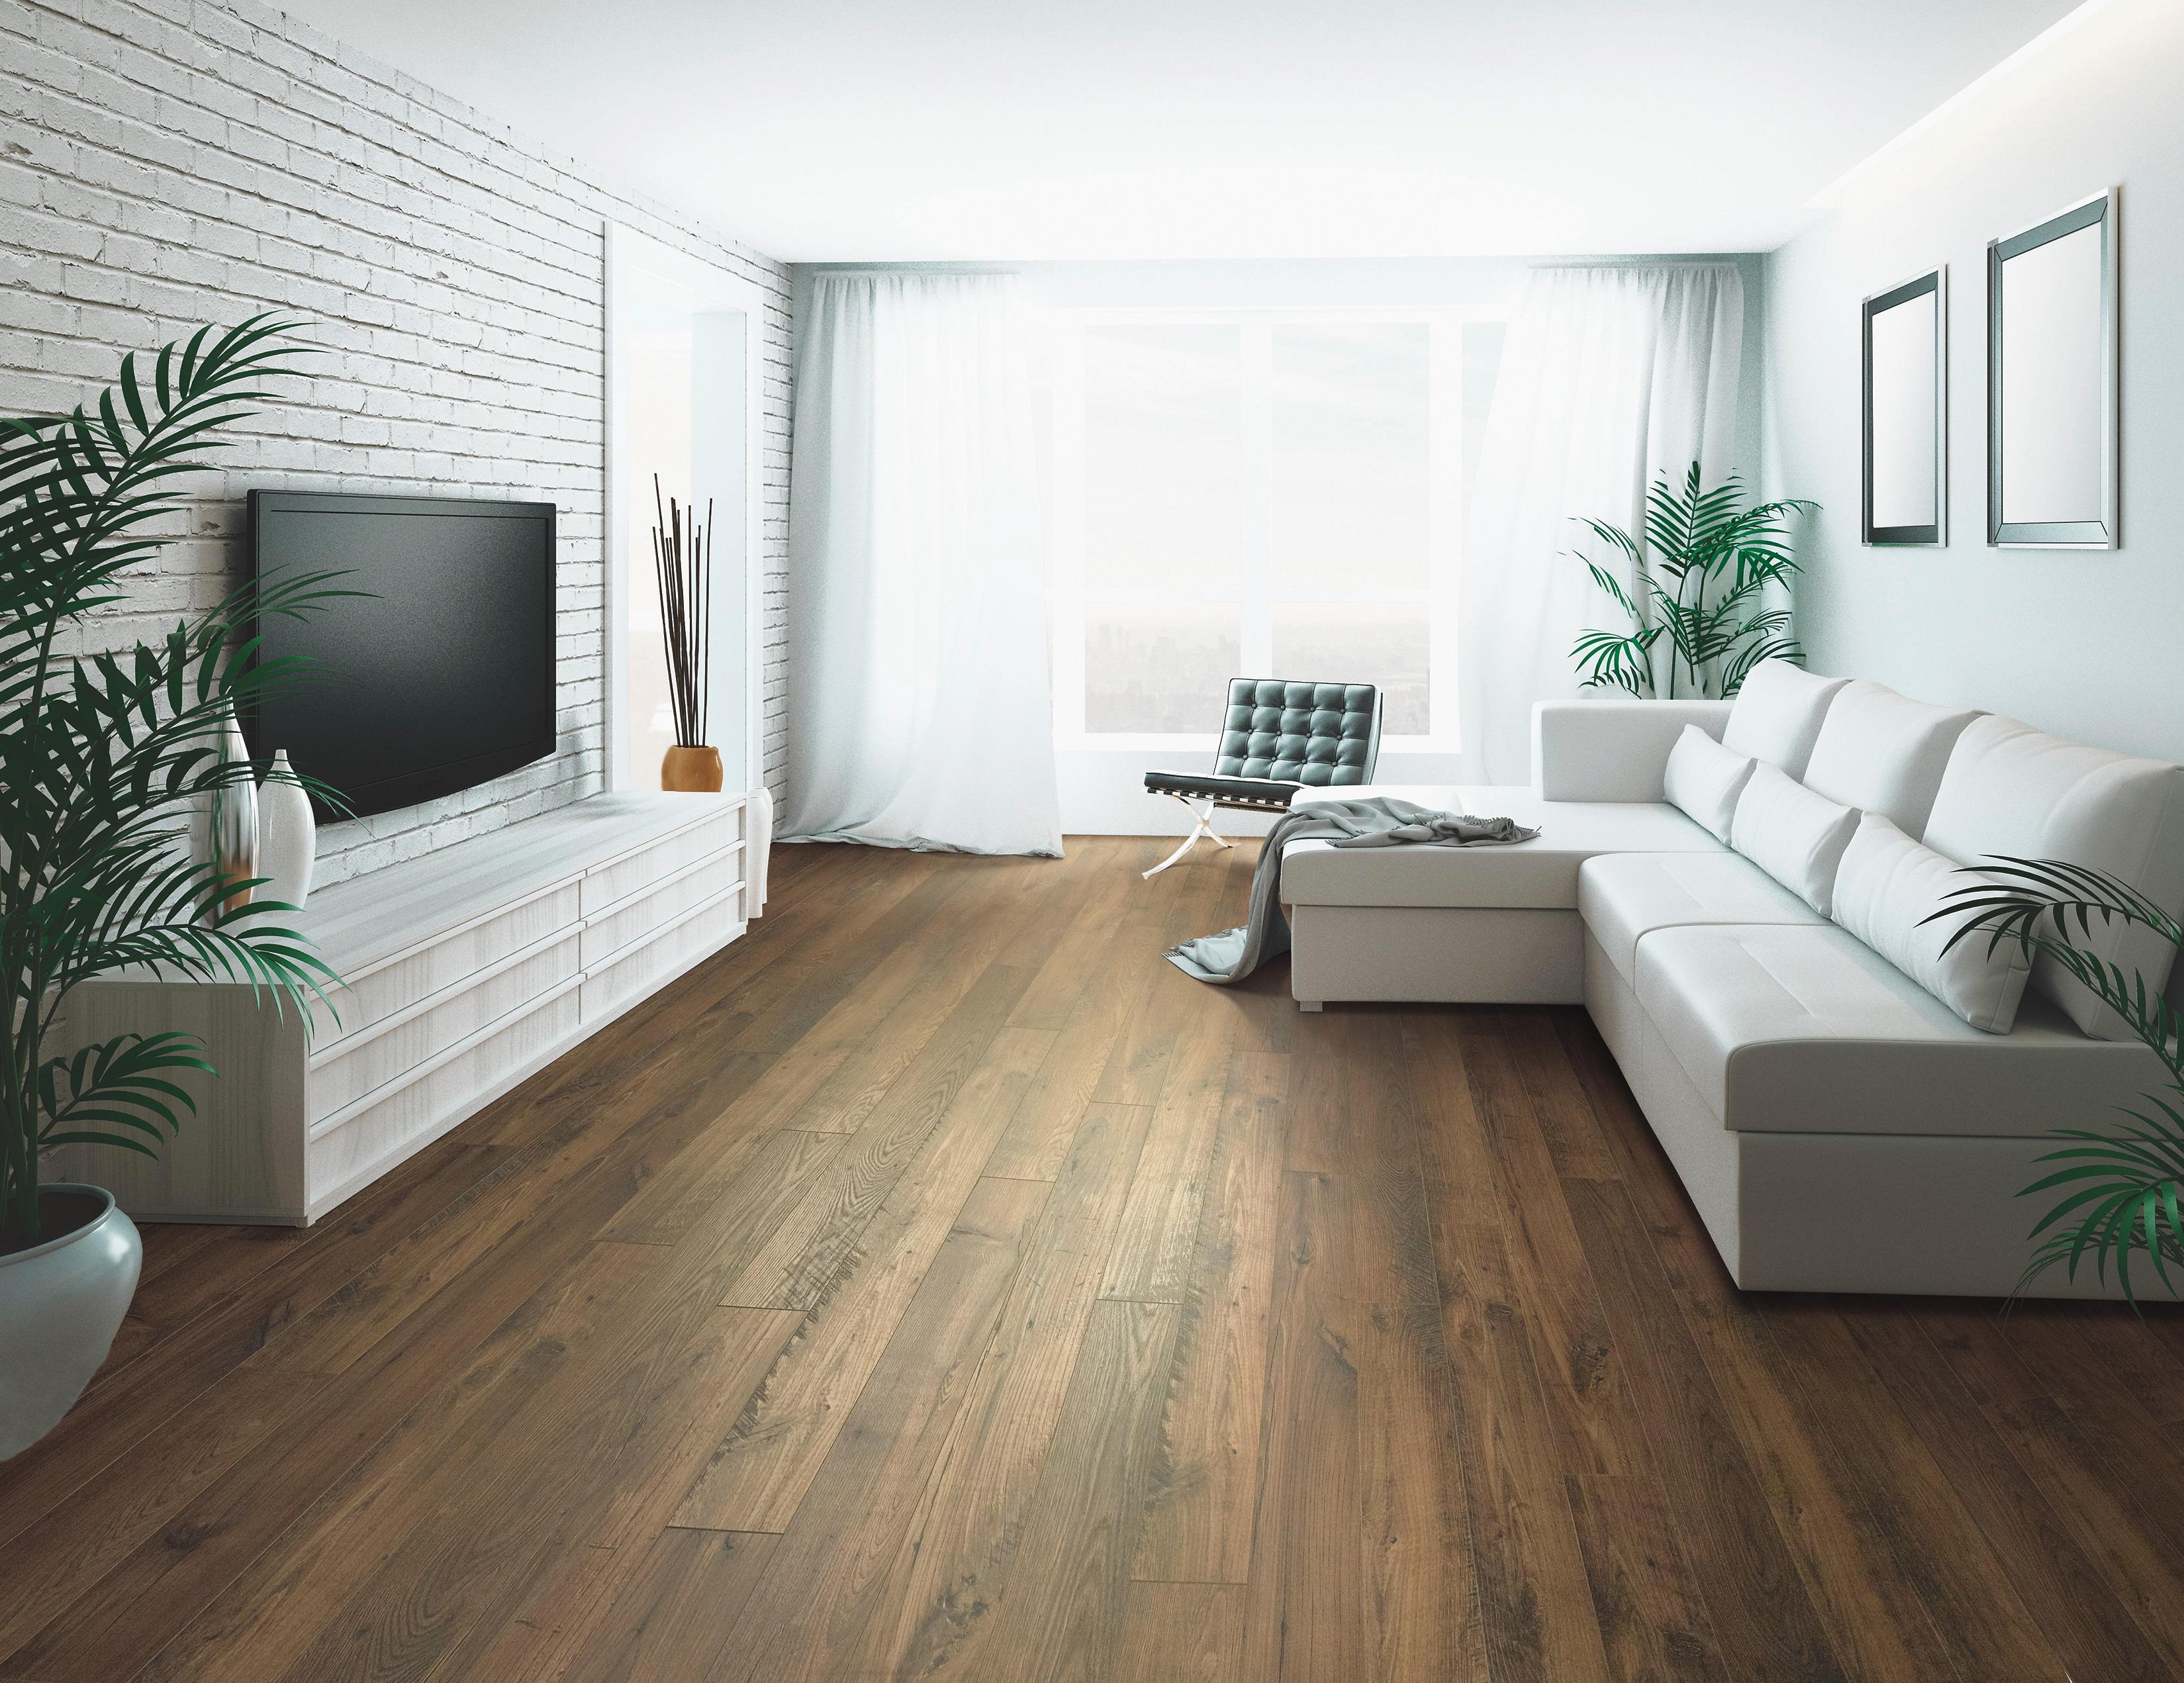 Mohawk Revwood Kingmire Toasted, Toasted Chestnut Laminate Flooring